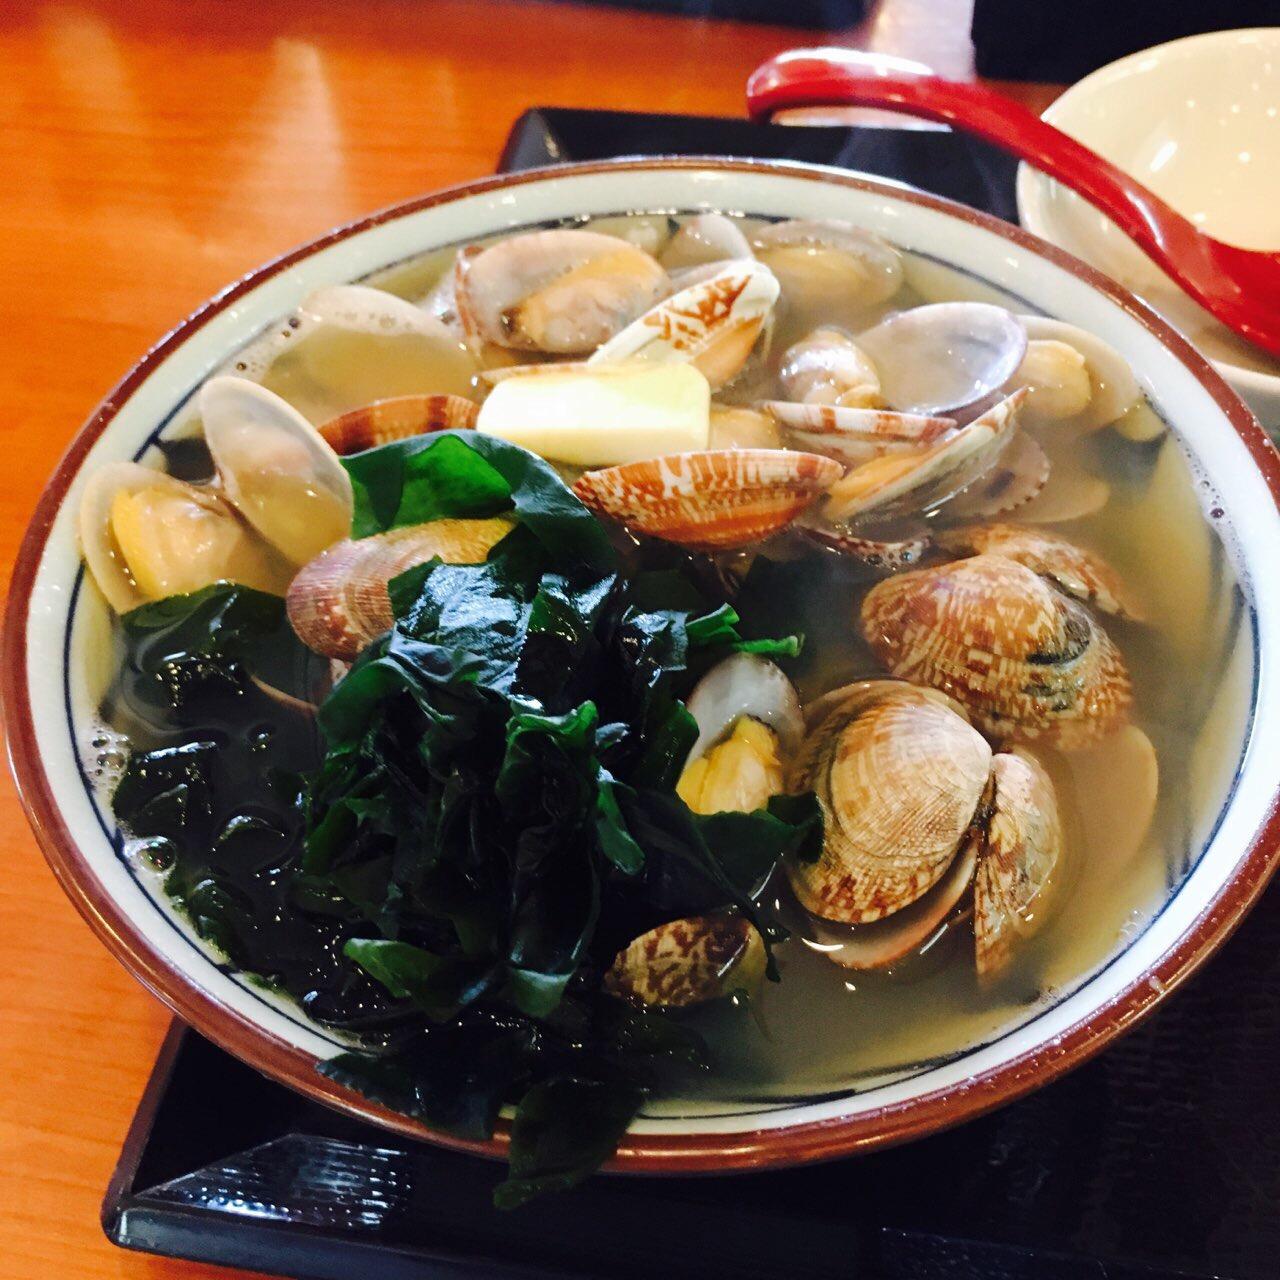 丸亀製麺の新メニュー「あさりうどん」の美味しさが尋常ではない